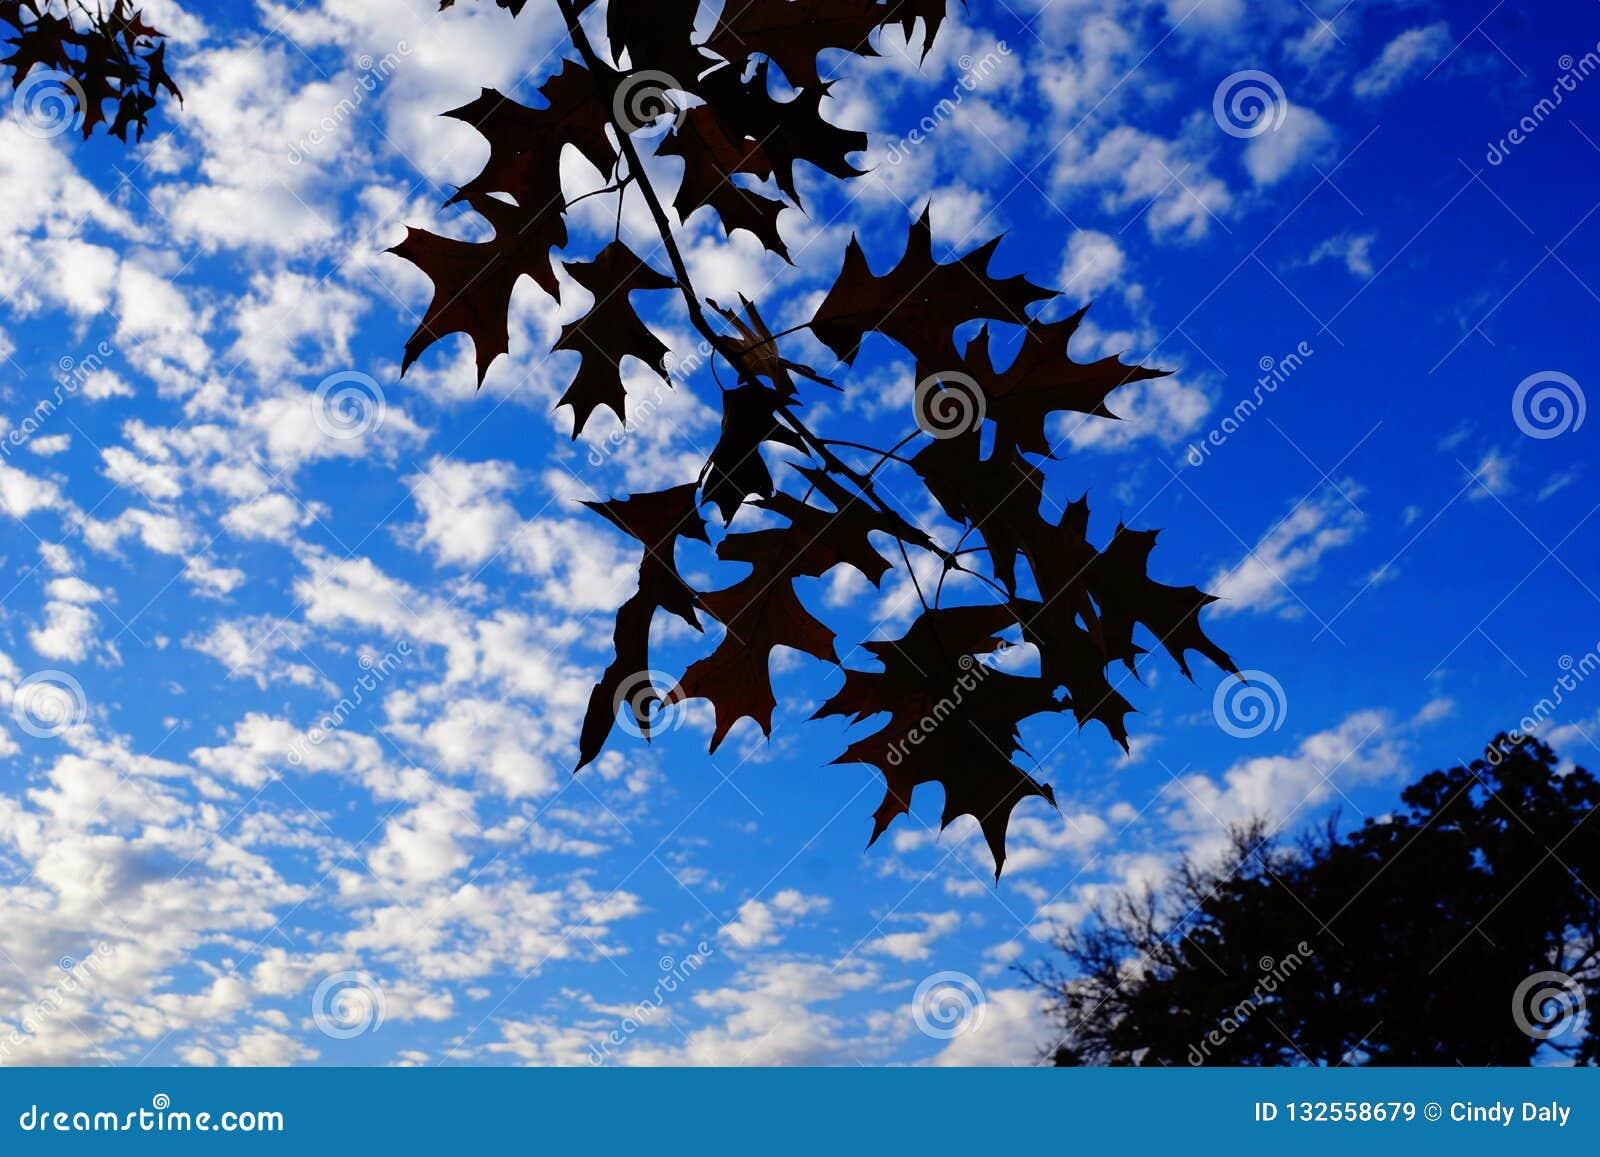 Δρύινα φύλλα σε ένα δέντρο ενάντια στο μπλε ουρανό